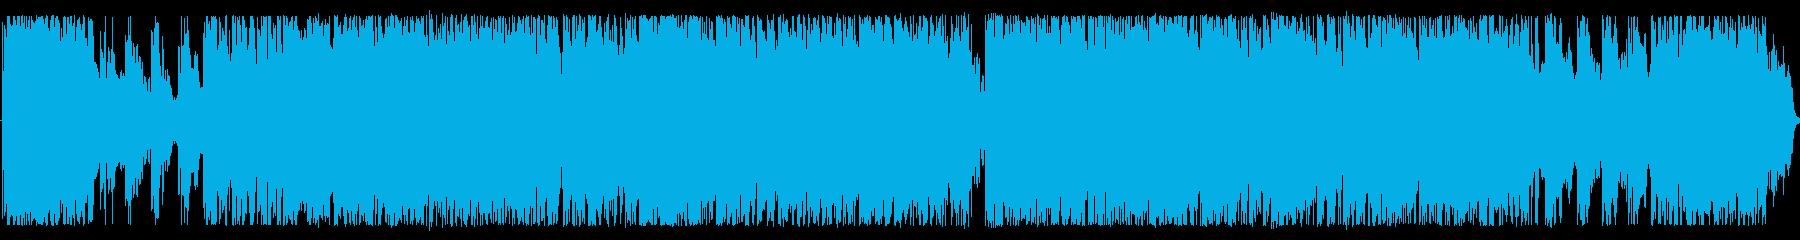 月夜をイメージした曲です。ハロウィンに!の再生済みの波形